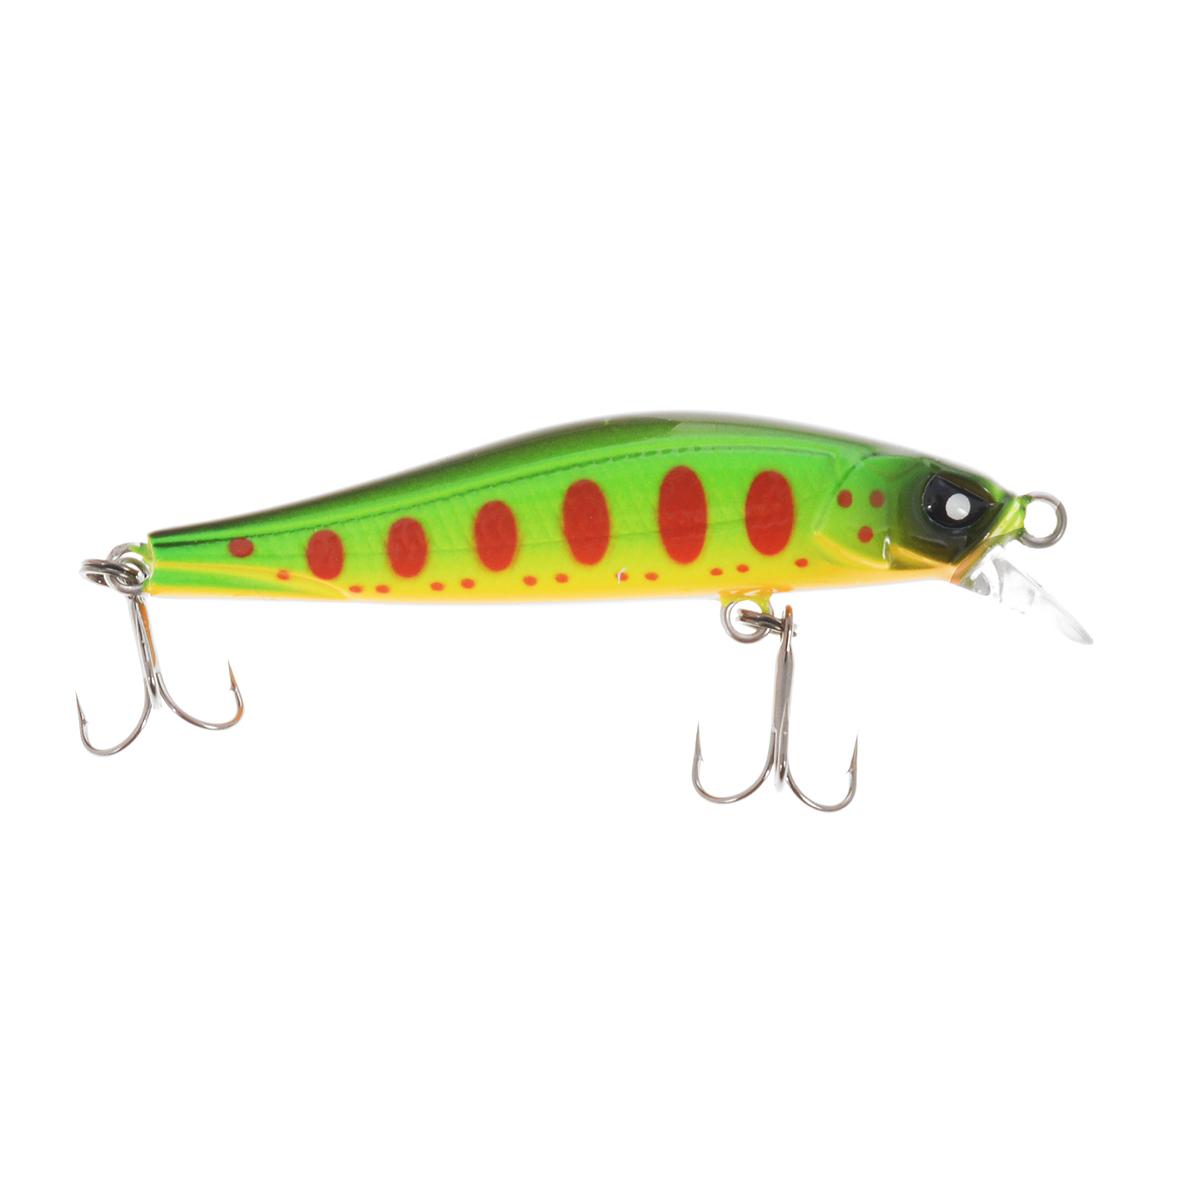 Воблер плавающий Lucky John Basara, цвет: зеленый, красный, оранжевый, 5,6 см, 3 г воблер плавающий lucky john haira tiny shallow pilot цвет желтый черный белый 3 3 см 4 г